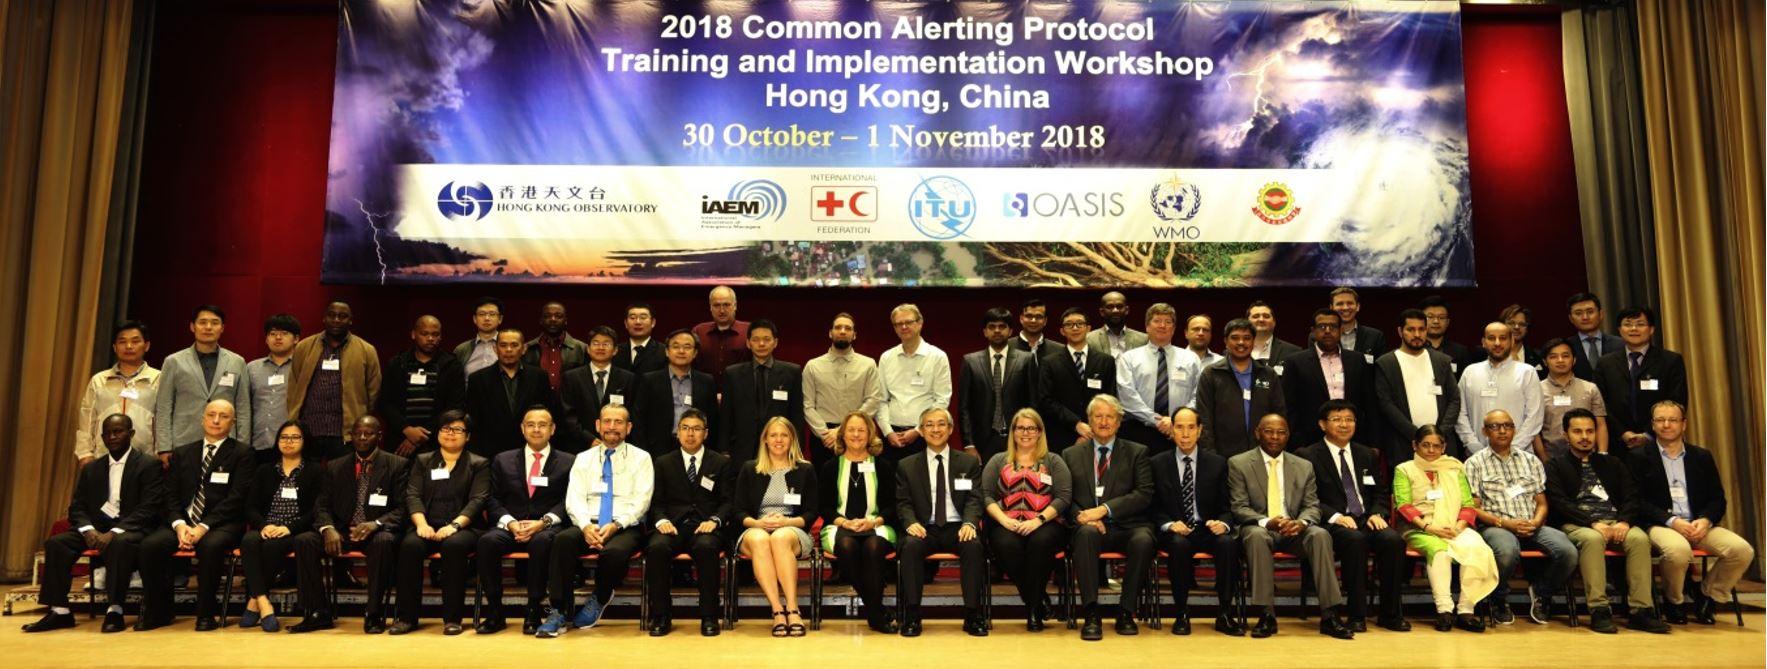 5G-Xcast participation at CAP Implementation Workshop 2018